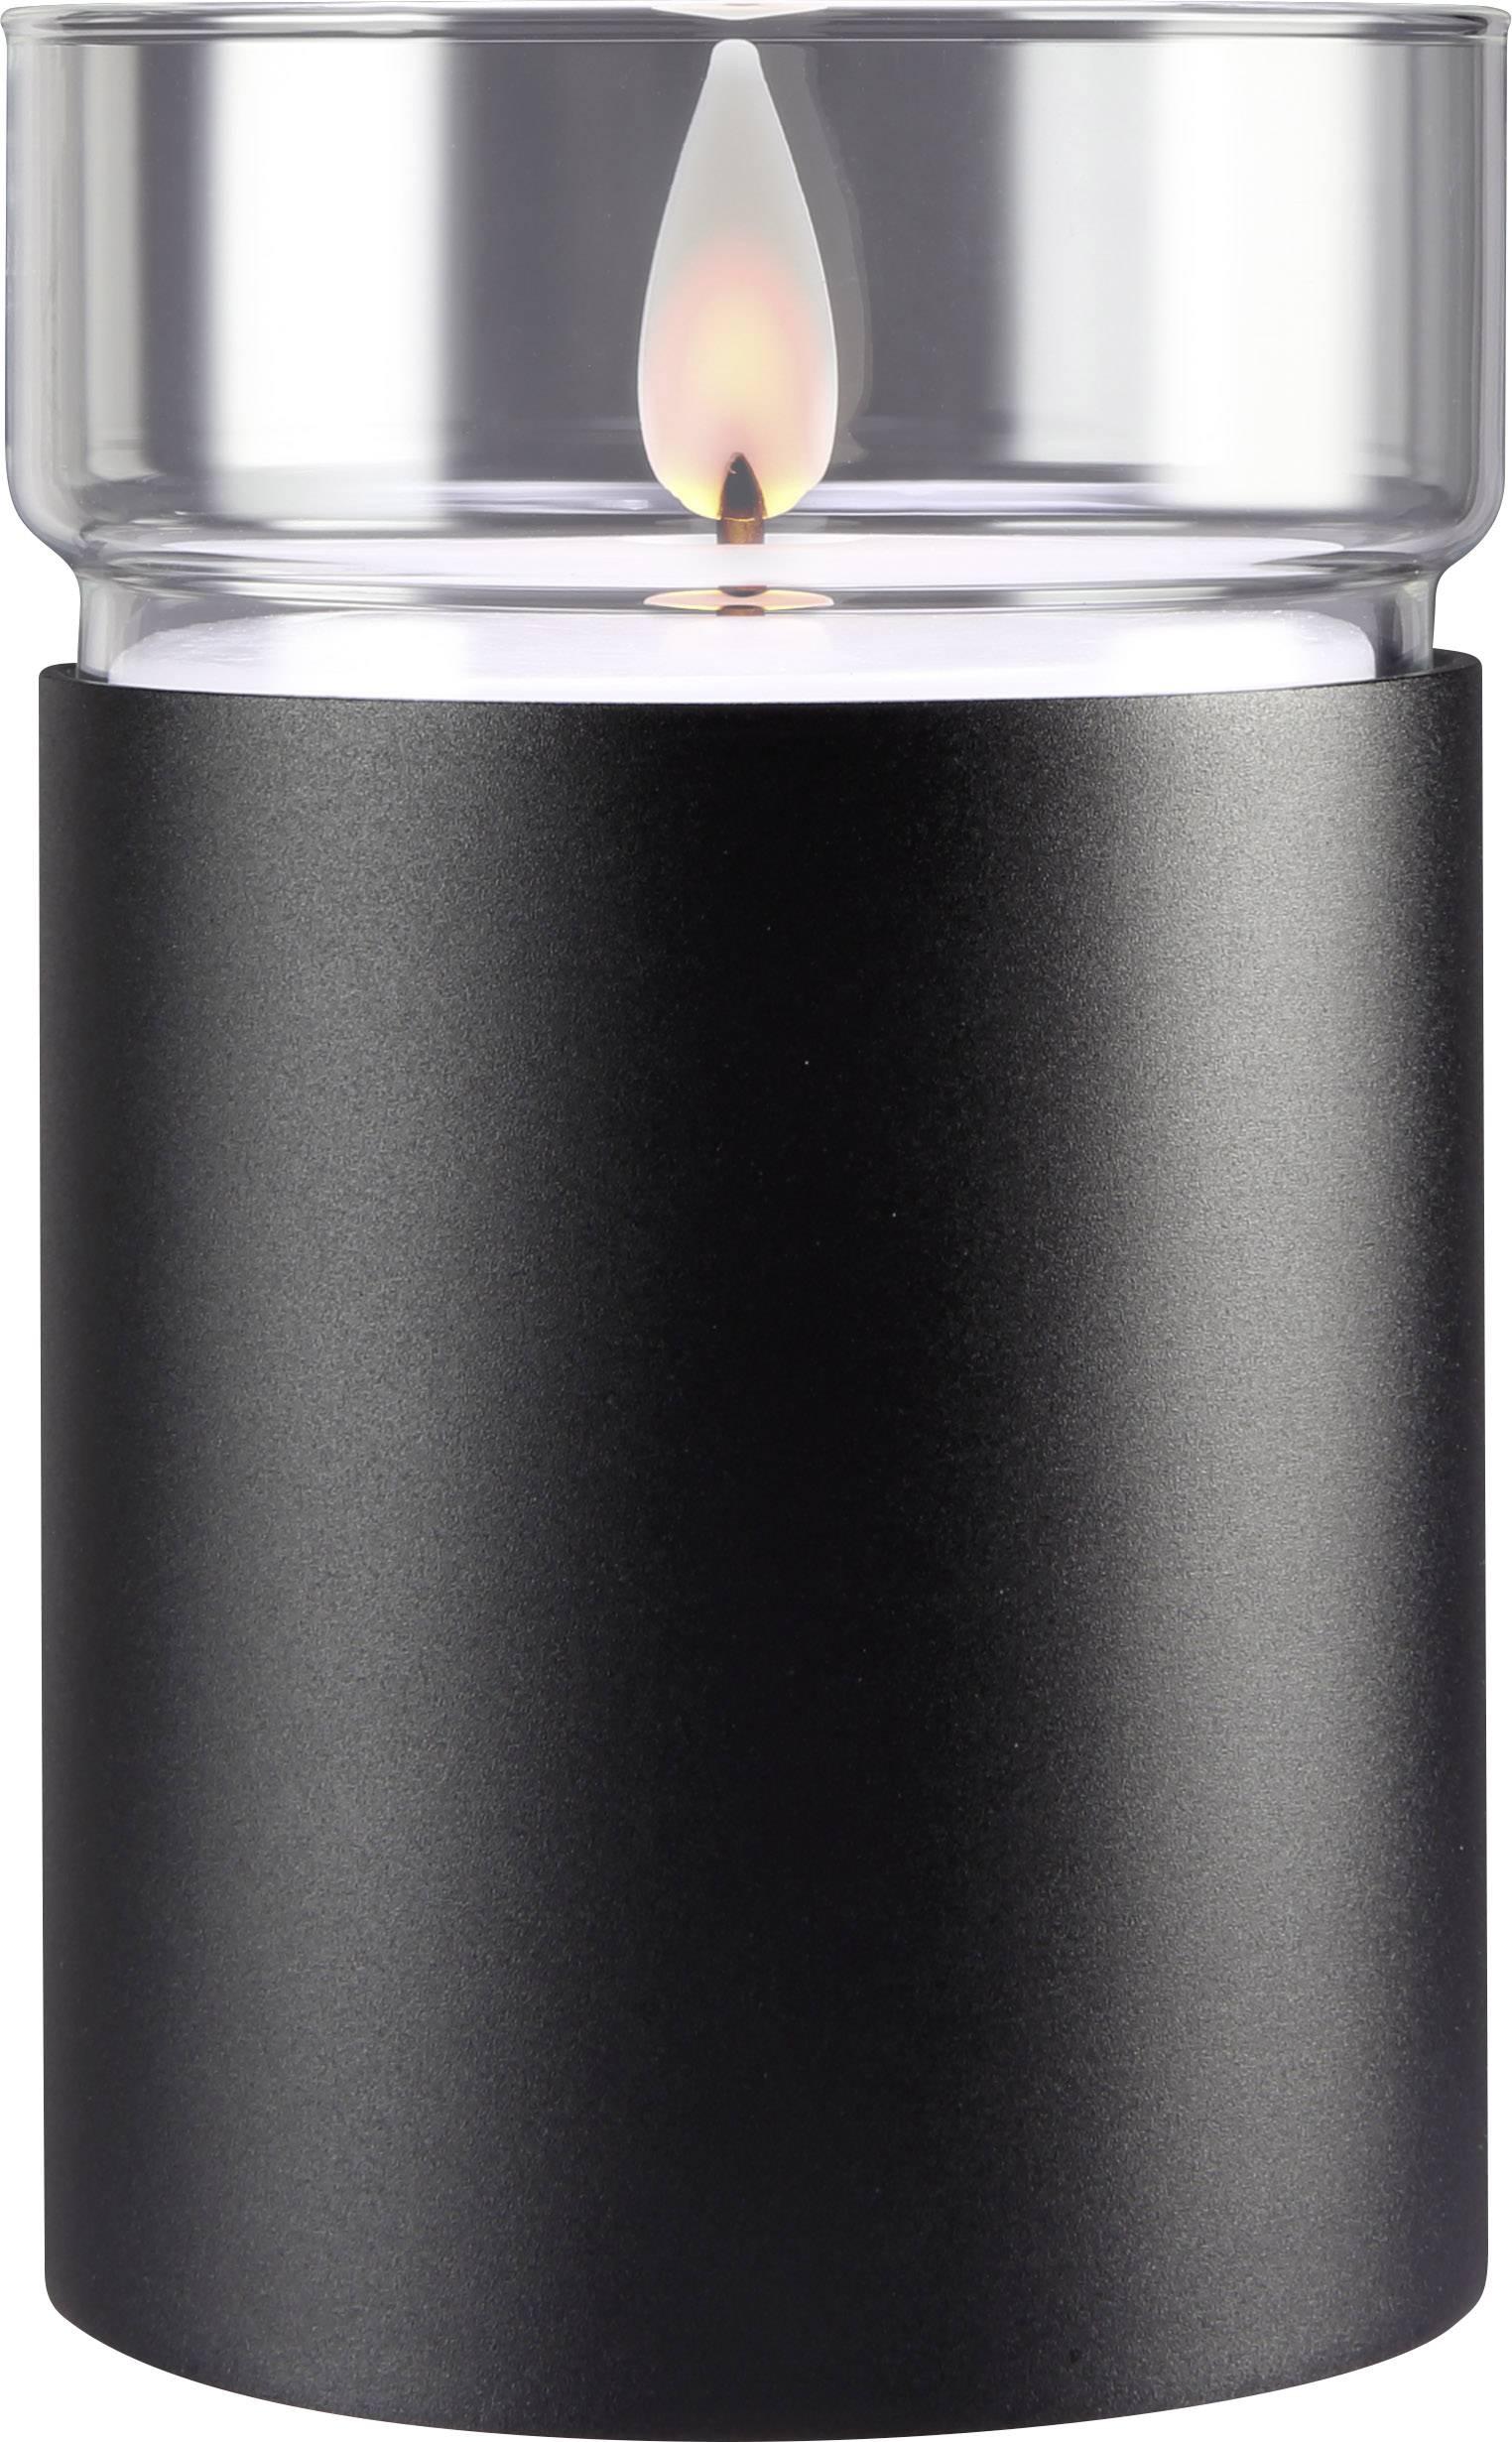 LED vosková svíčka Polarlite 1 ks, černá